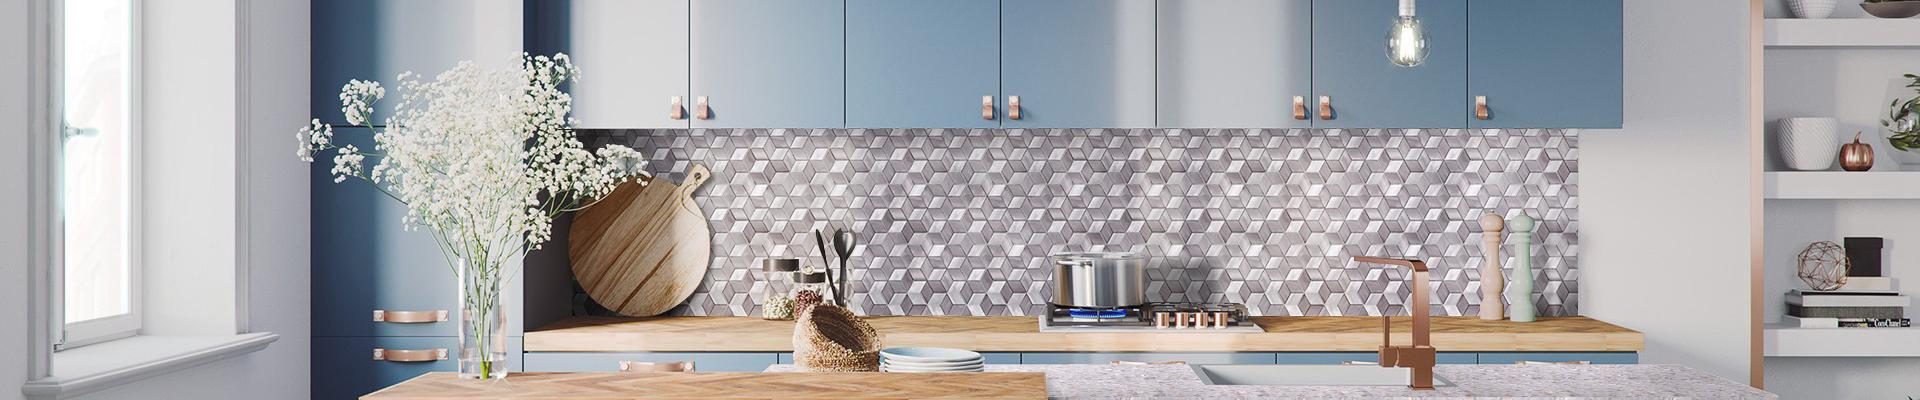 video-Heng Xing 2x2 metal mosaic tile customized for bathroom-Heng Xing-img